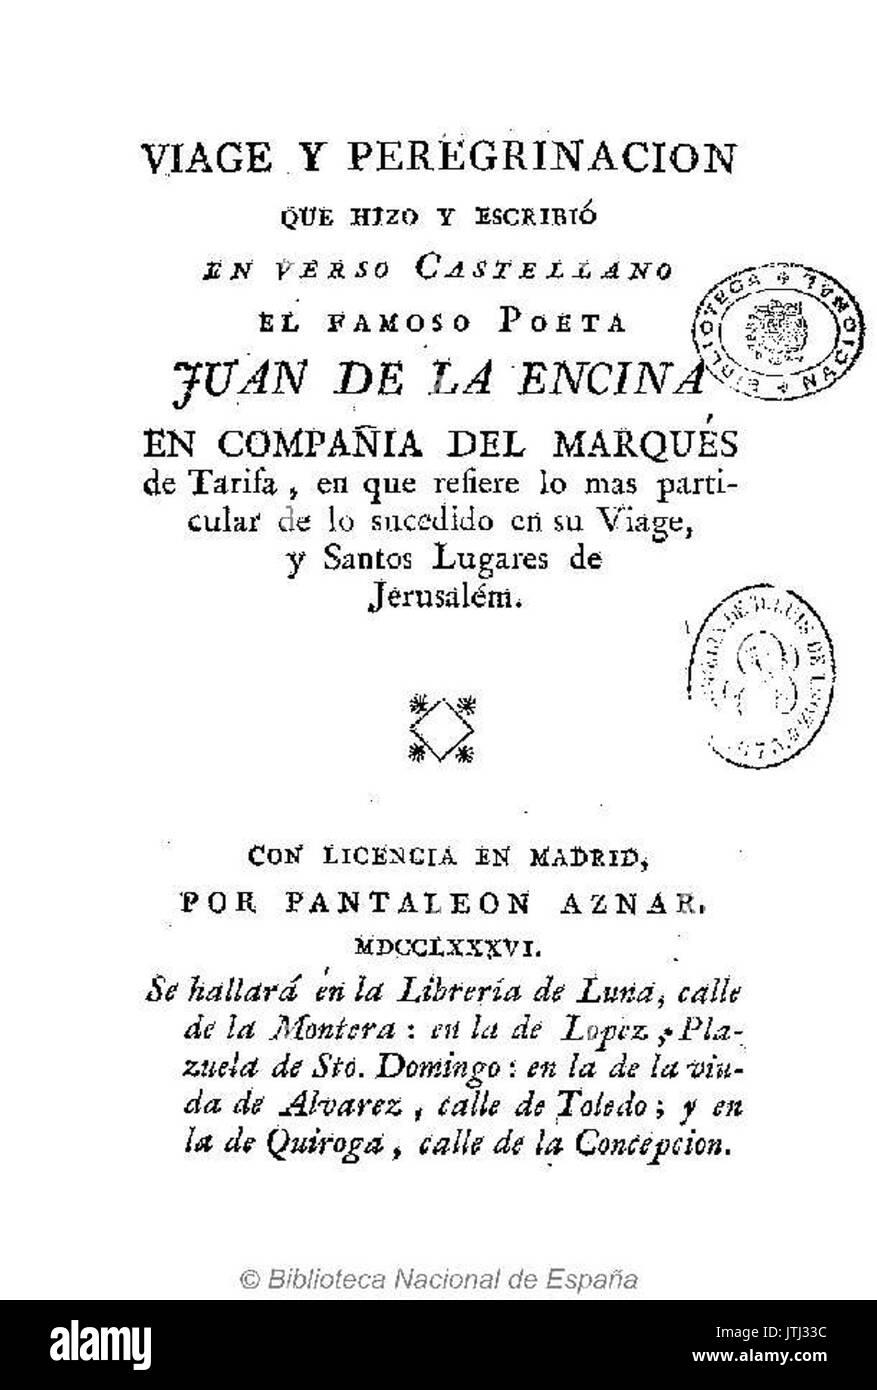 Viage y peregrinacion 1786 Juan de la Encina - Stock Image